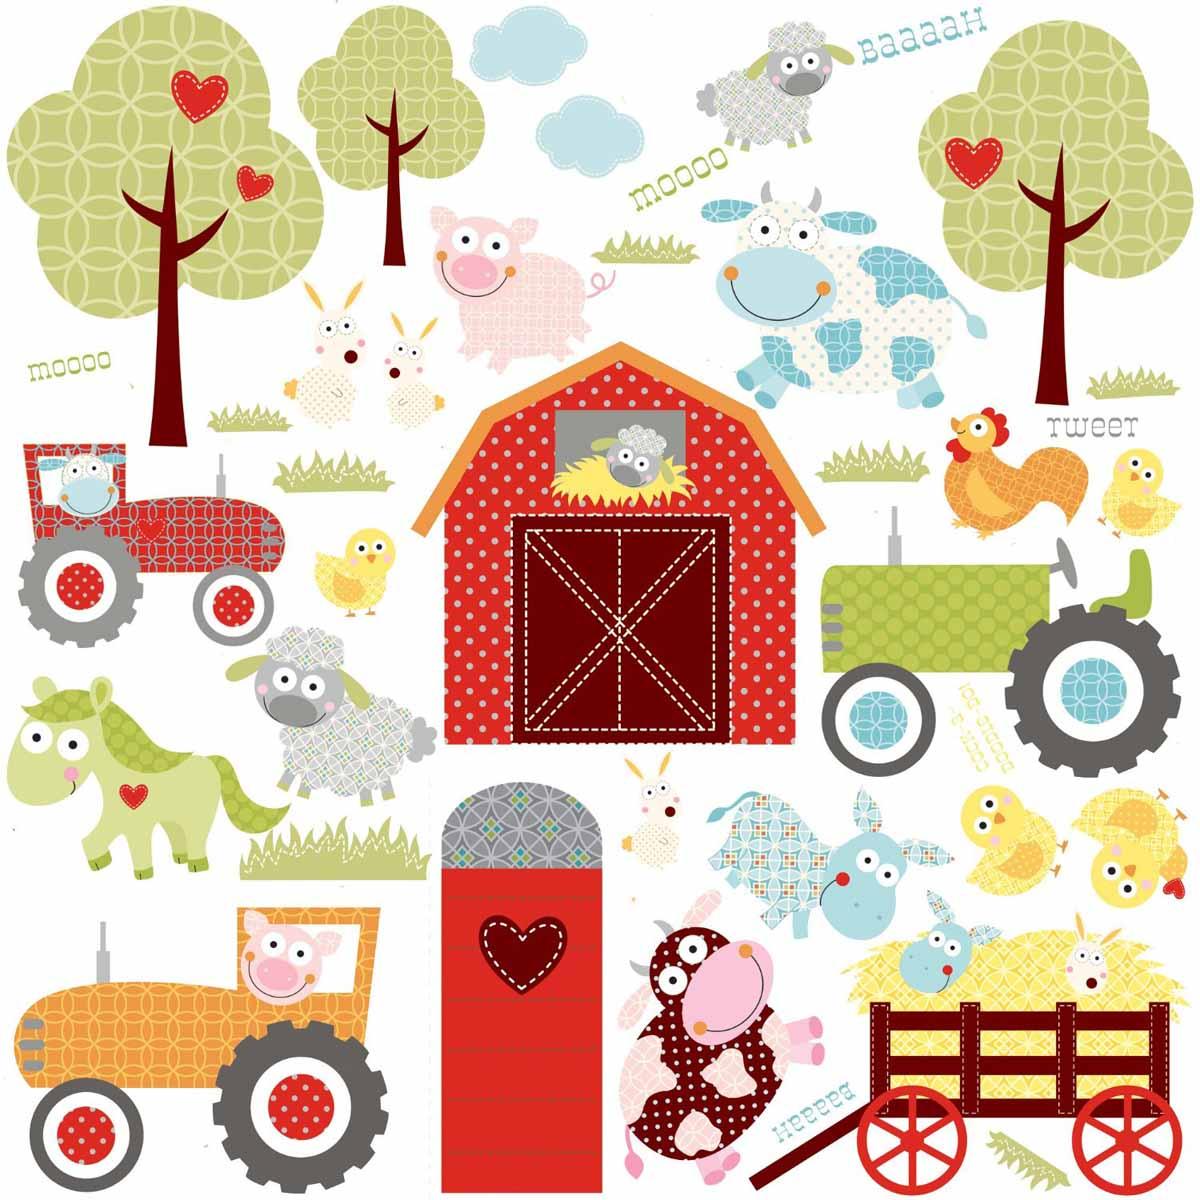 RoomMates Наклейки для декора Веселая ферма17348Наклейки для декора Счастливая ферма от знаменитого производителя RoomMates станут украшением вашей квартиры! Придайте веселый и забавный вид комнате вашего ребенка с новым увлекательным набором наклеек для декора! Листы наклеек, входящие в набор, содержат изображения ярко-красного сарая, пышных деревьев и любимых фермерских животных, таких, например, как коровы, свиньи, курицы, овцы и так далее. Забавные паттерны и модные цвета делают набор идеально подходящим для детской или игровой комнаты. Всего в наборе 42 стикера. Наклейки не нужно вырезать - их следует просто отсоединить от защитного слоя и поместить на стену или любую другую плоскую гладкую поверхность. Наклейки многоразовые: их легко переклеивать и снимать со стены, они не оставляют липких следов на поверхности. В каждой индивидуальной упаковке вы можете найти 4 листа с различными наклейками! Таким образом, покупая наклейки фирмы RoomMates, вы получаете гораздо больший ассортимент наклеек, имея возможность украсить ими различные поверхности в доме.